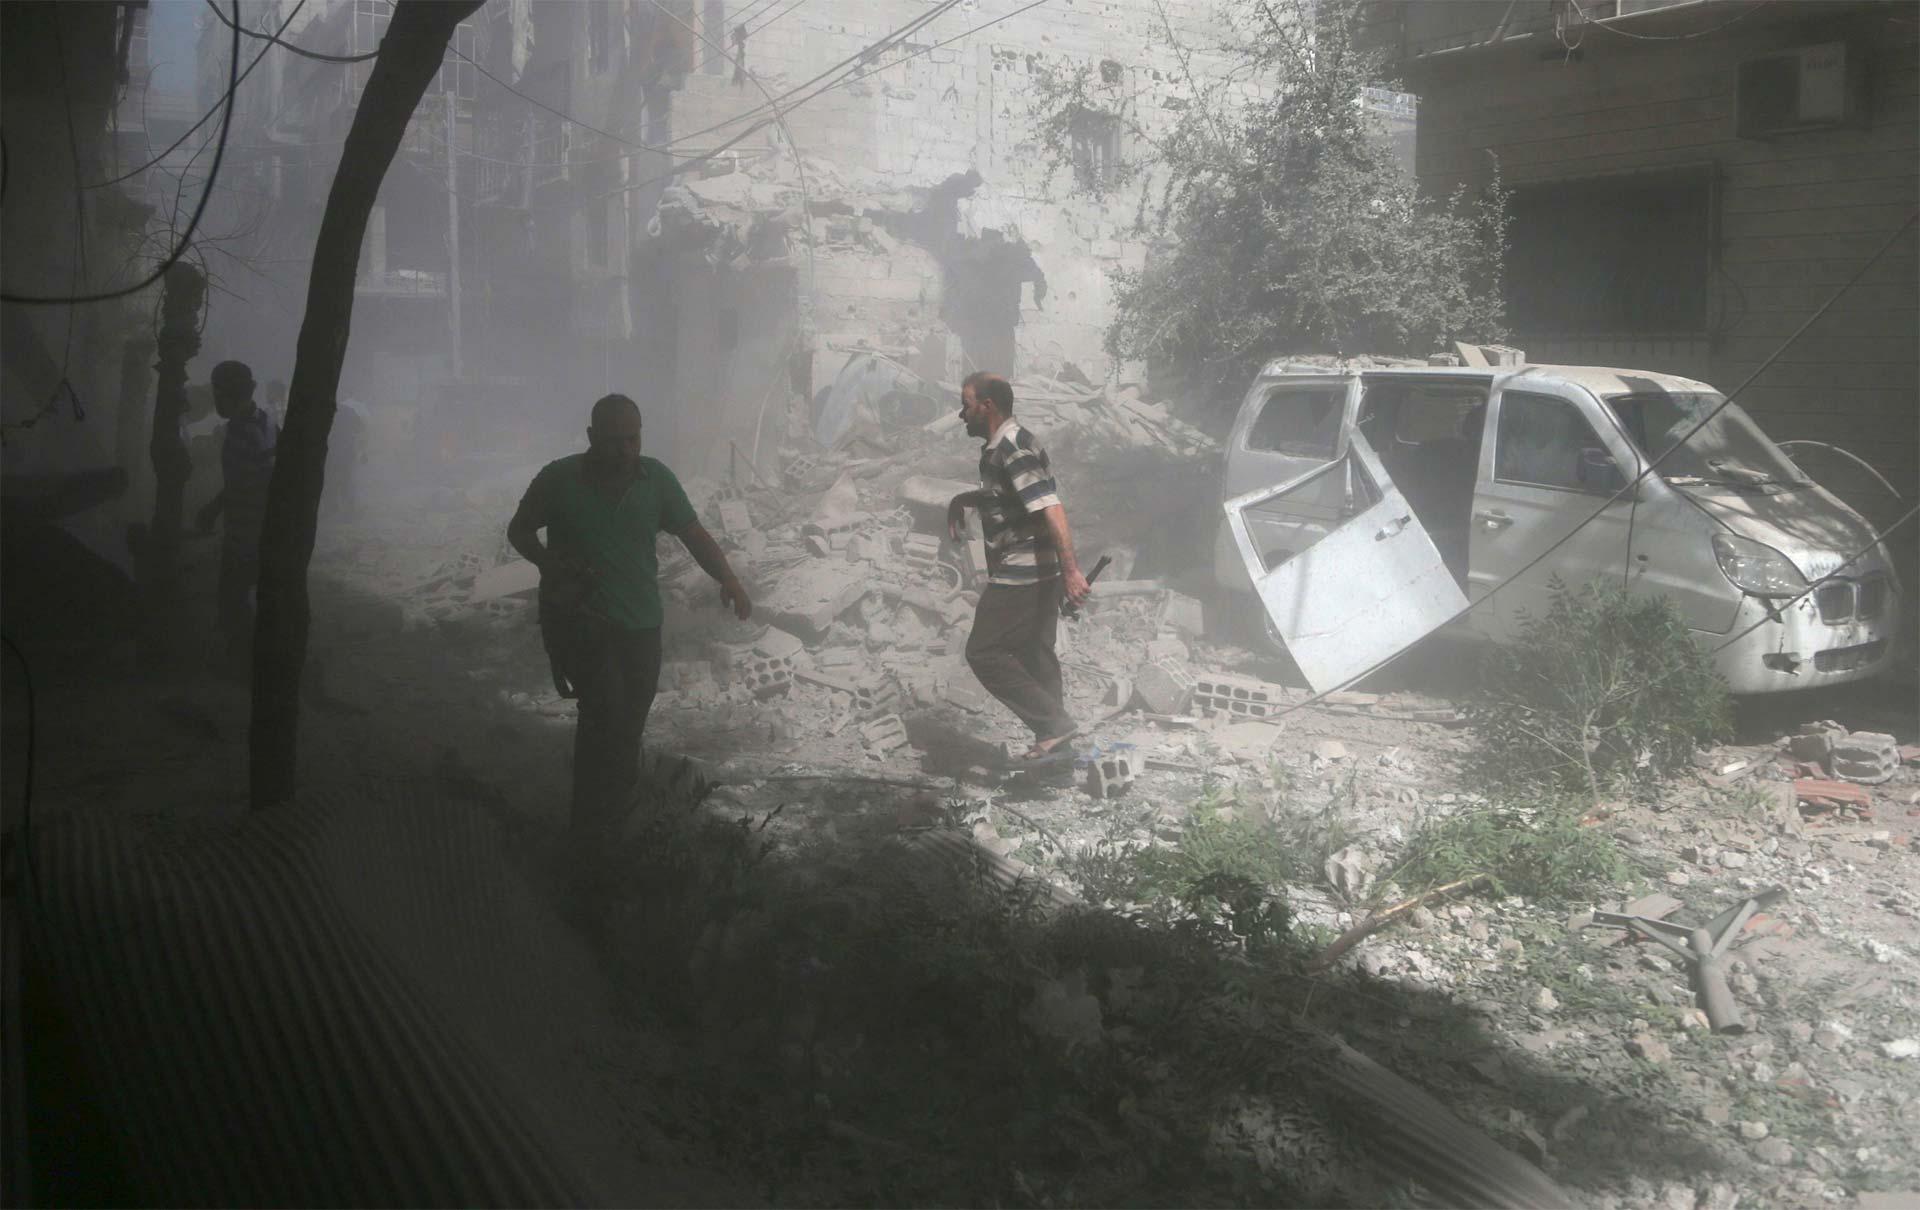 El objetivo eran 20 camiones. Según el jefe de rebeldes sirios de la zona, murieron siete conductores